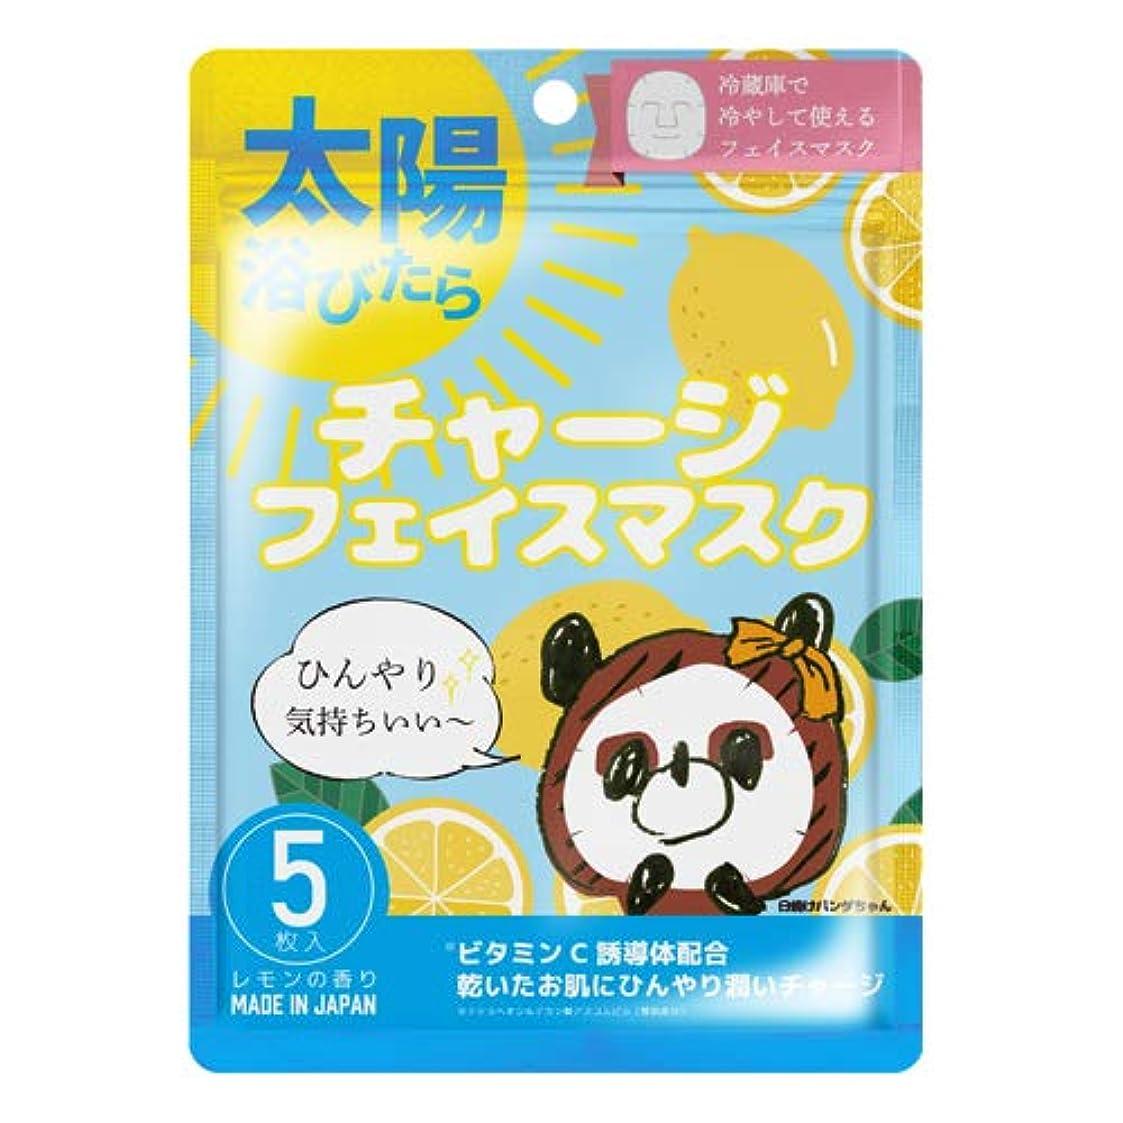 ステレオ無意味もろいチャージフェイスマスク Charge Face Mask / 美容 フェイスマスク 日焼け 潤い レモン スキンケア